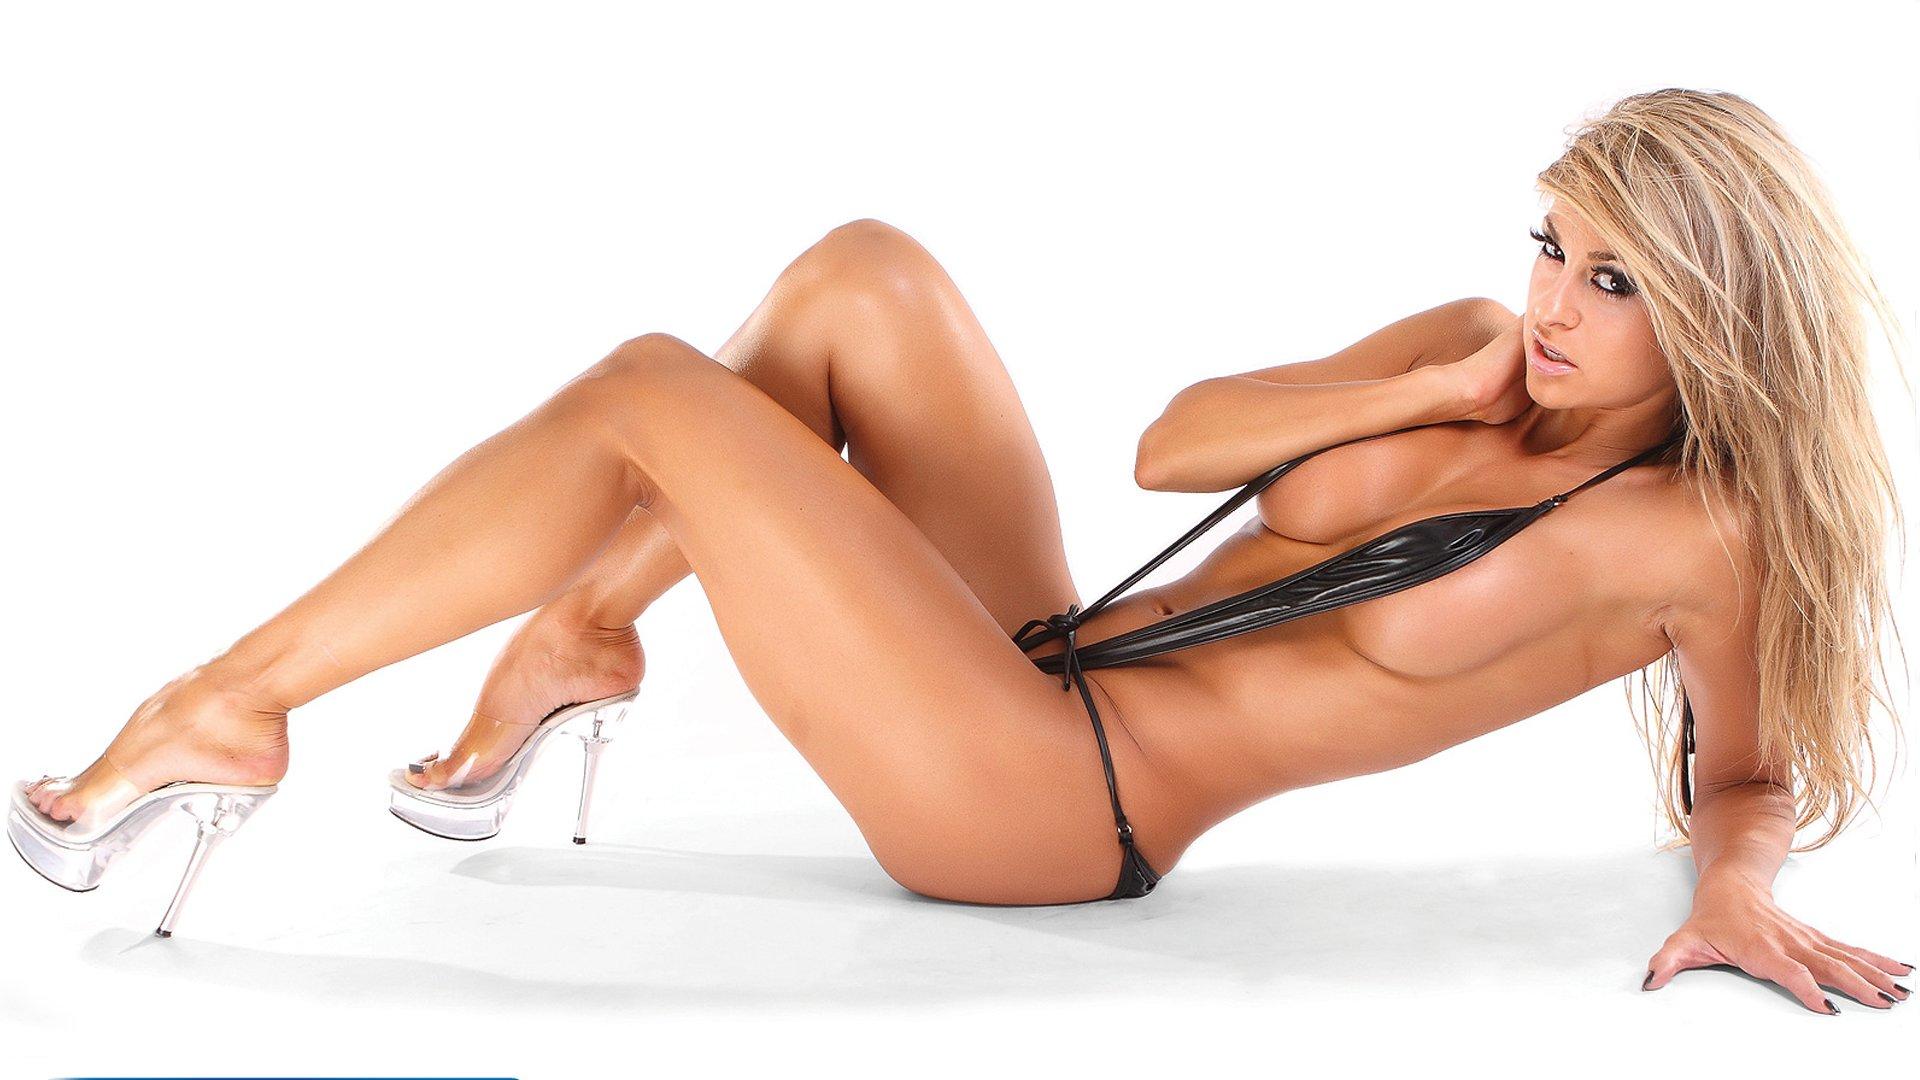 Nude female braziian bodybuilder